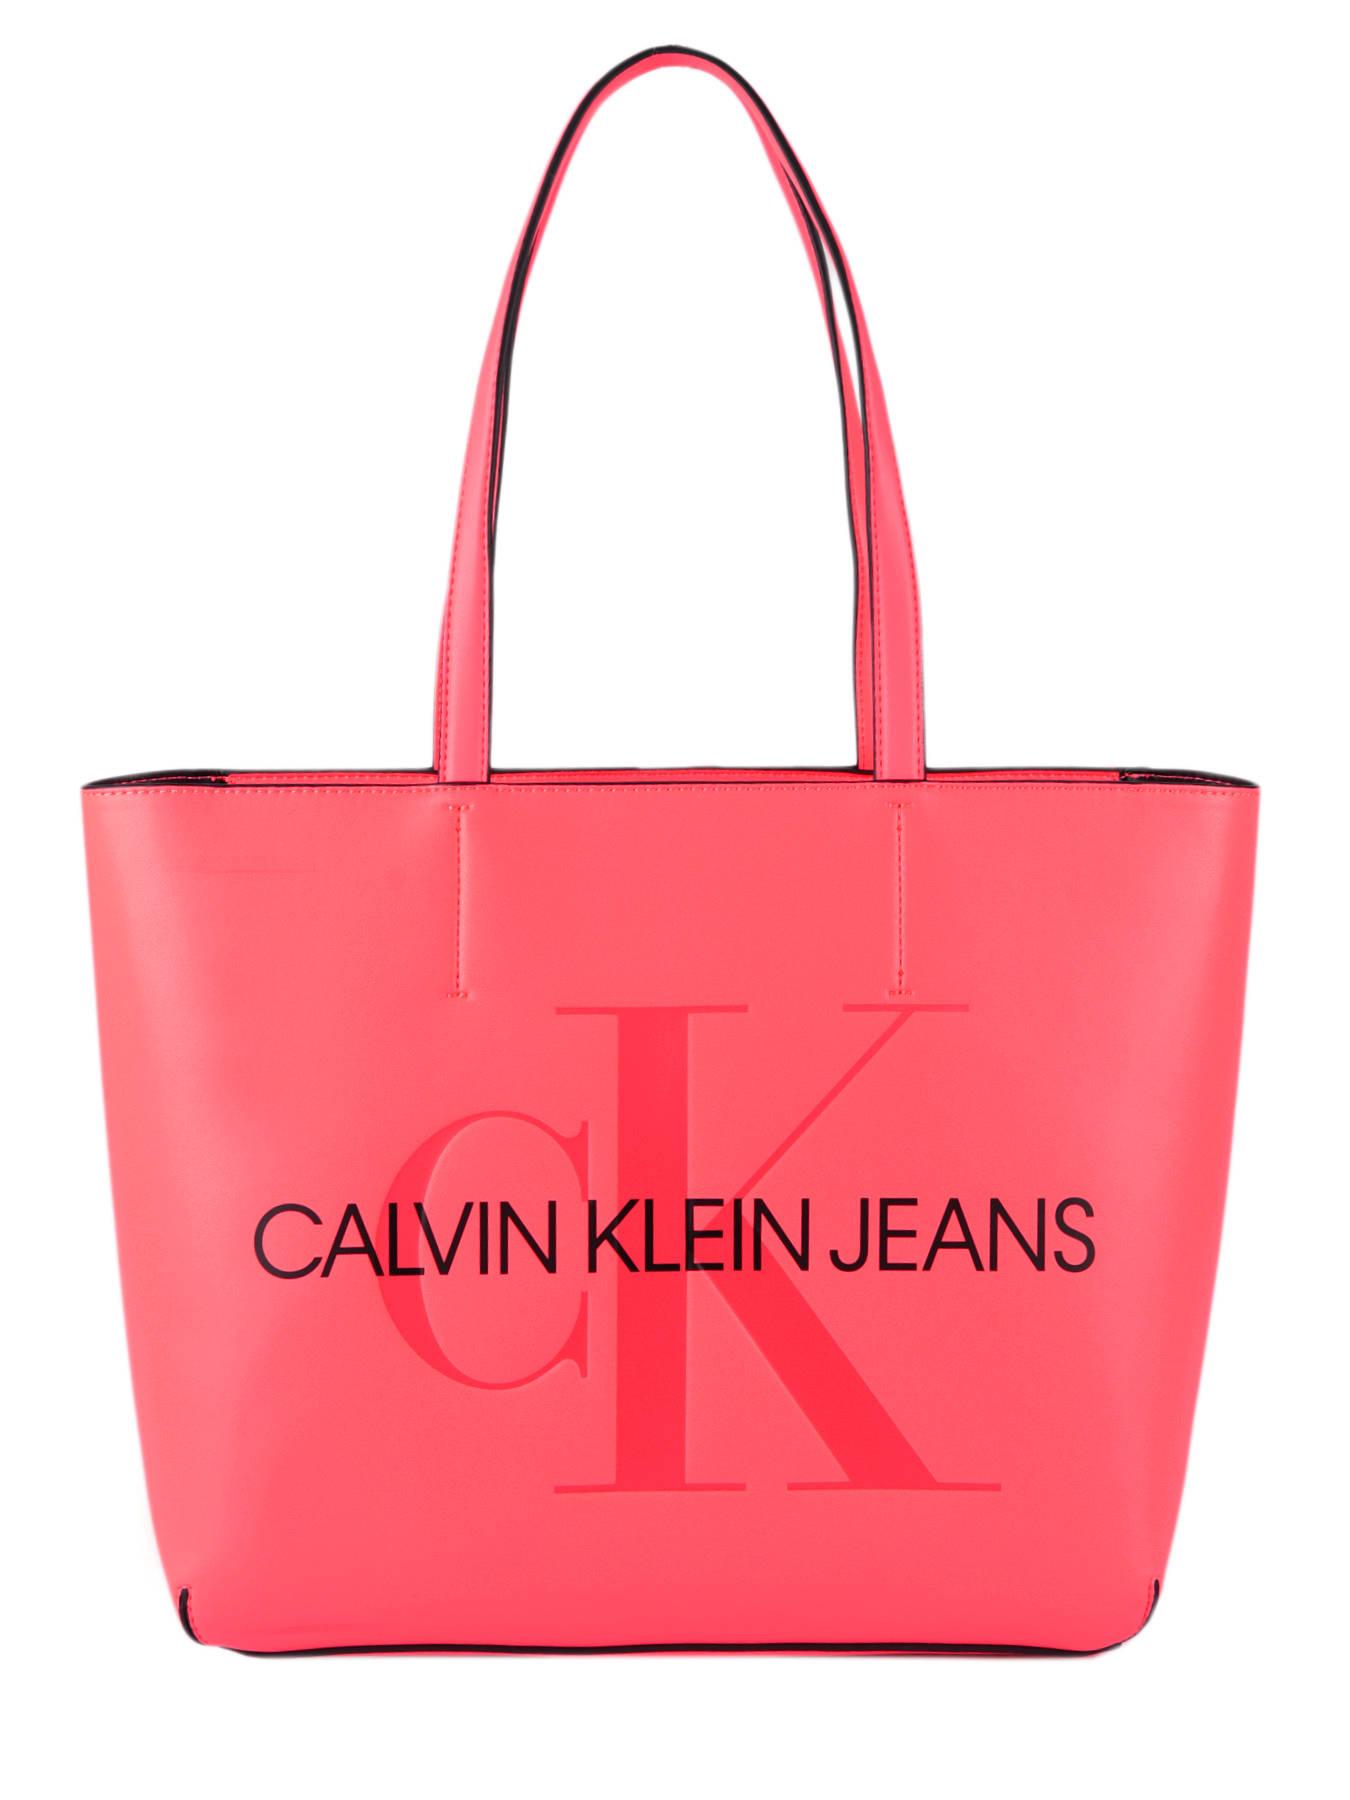 CALVIN KLEIN JEANS Sac Cabas A4 Denim Calvin Klein Jeans